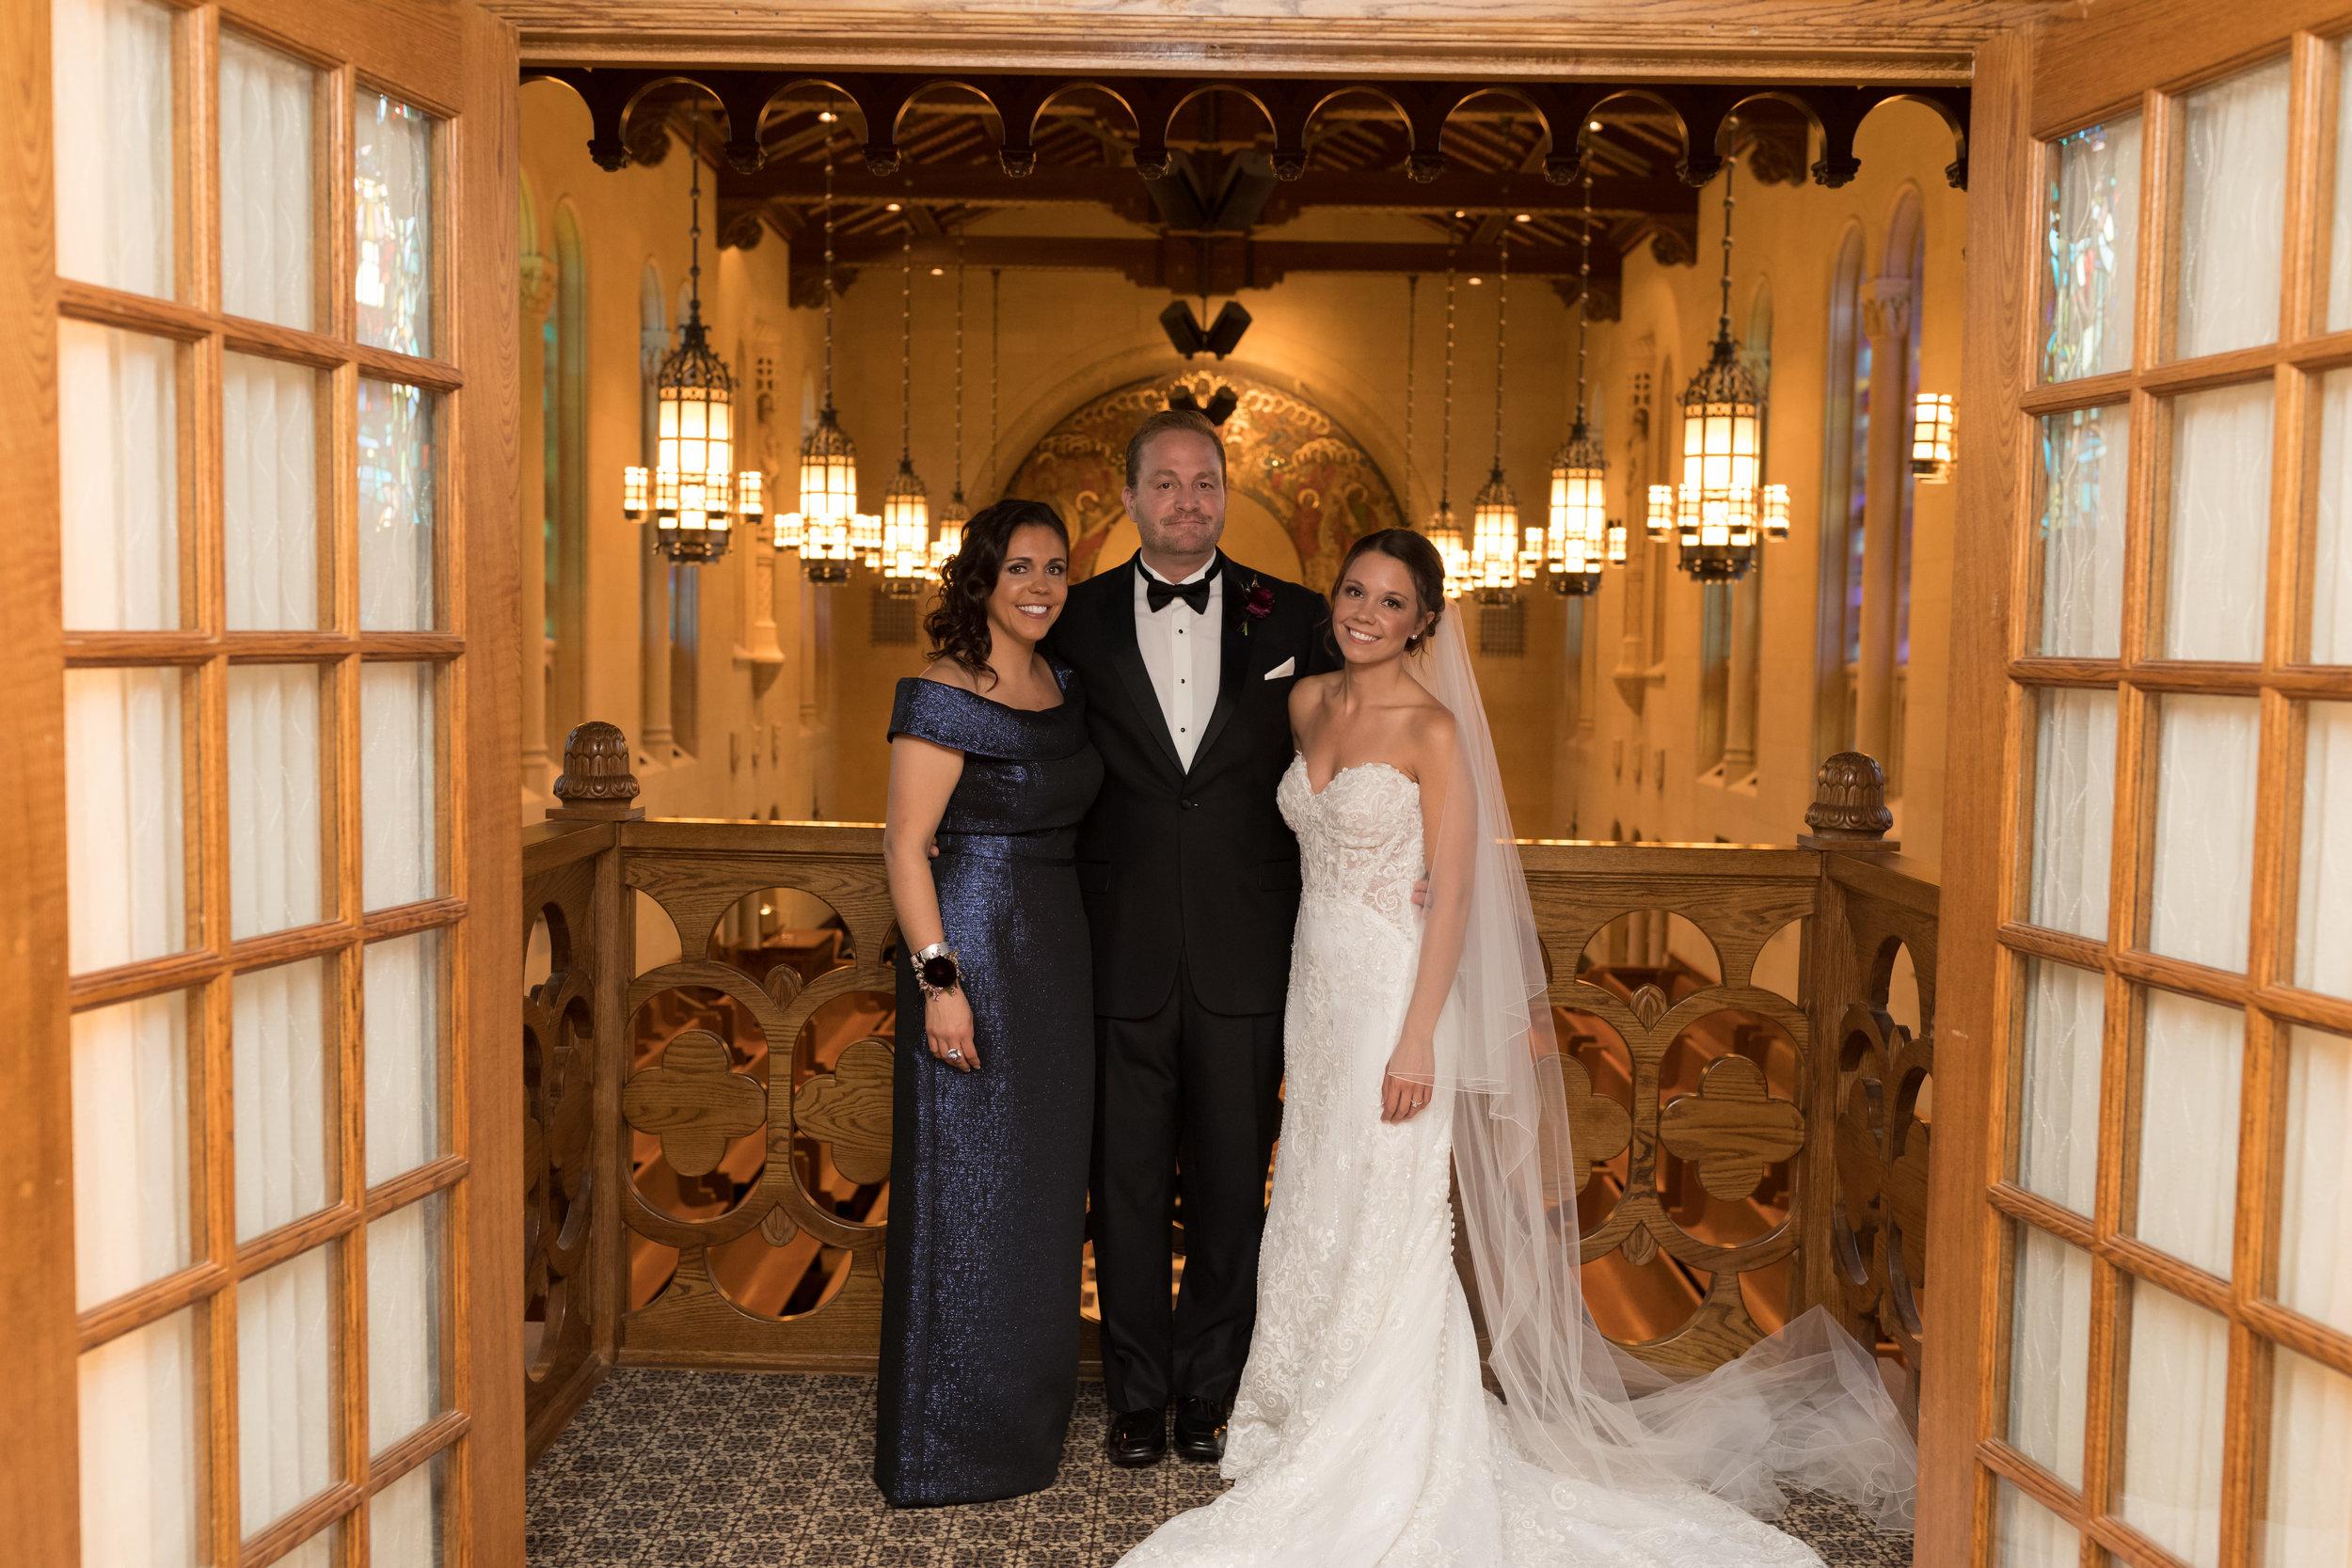 shareyah_John_detroit_wedding_preview_013.JPG